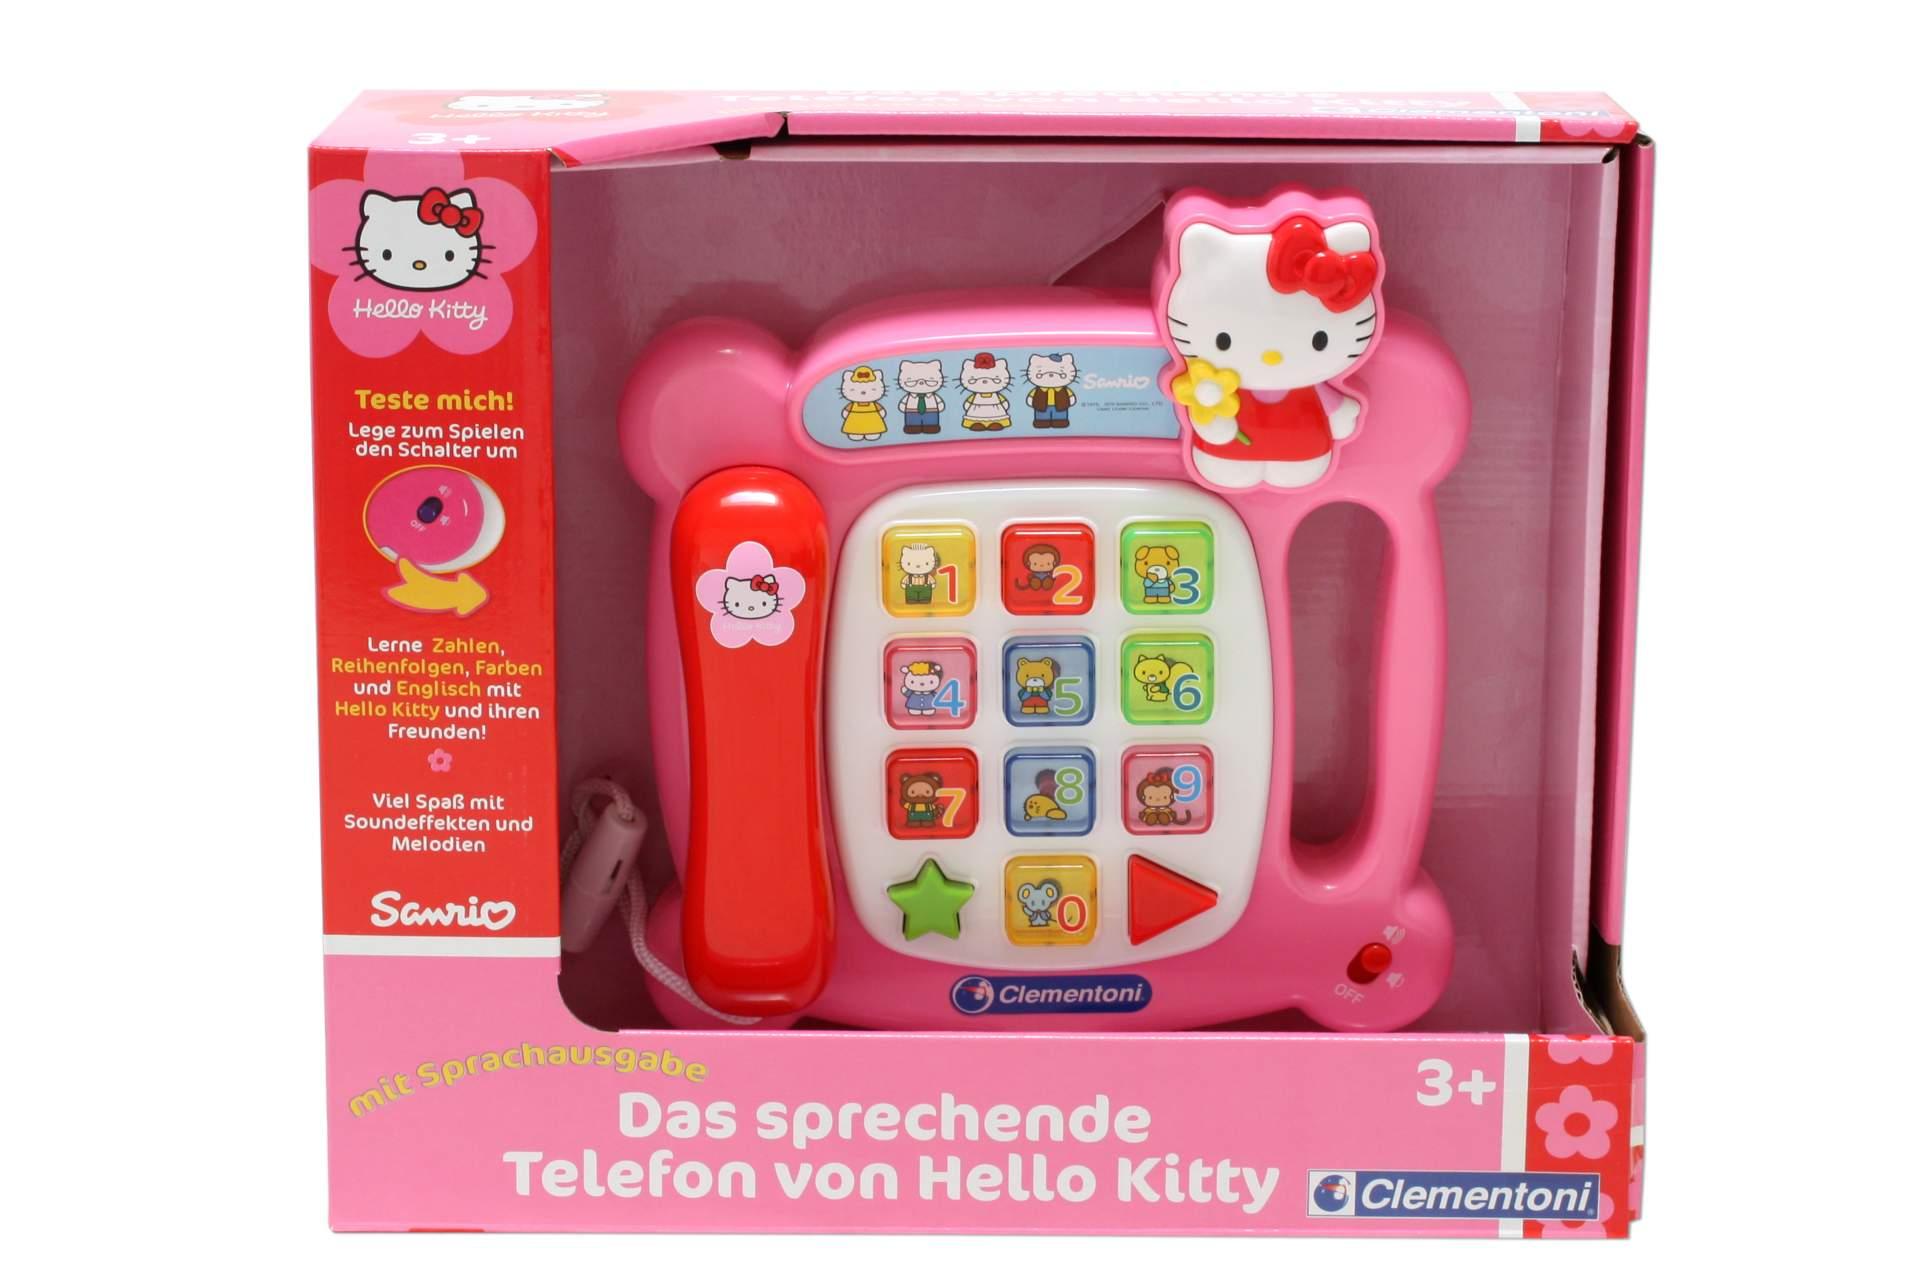 Nett Hallo Kitty Färbung Online Zeitgenössisch - Malvorlagen Von ...